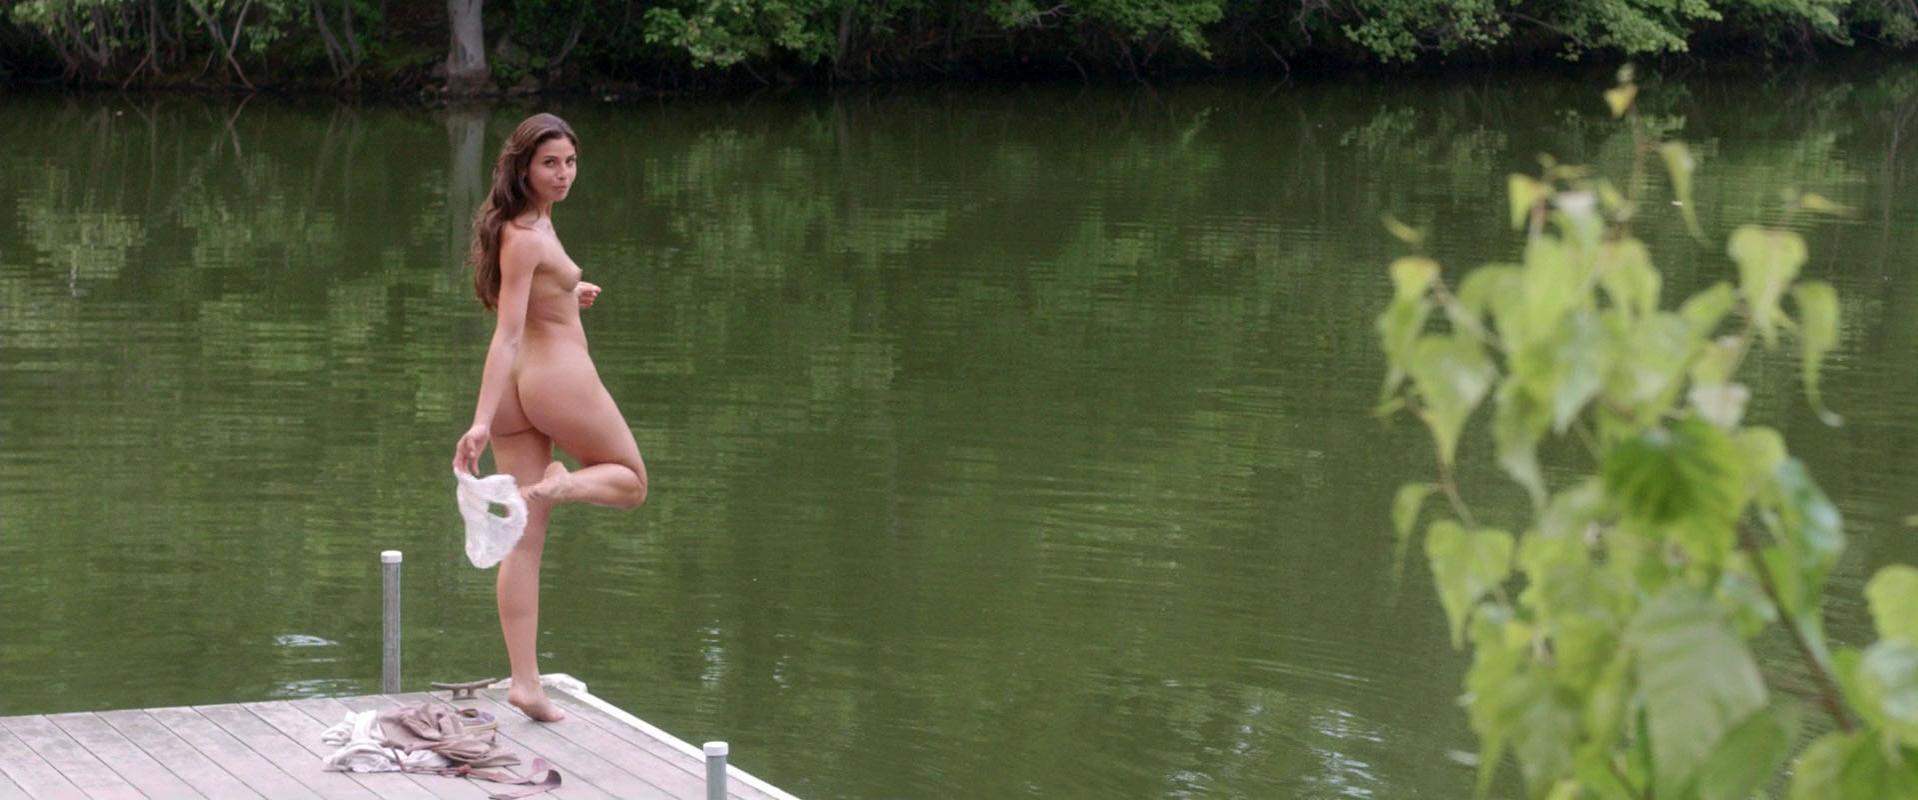 Ana Ayora nude - The Big Wedding (2013)